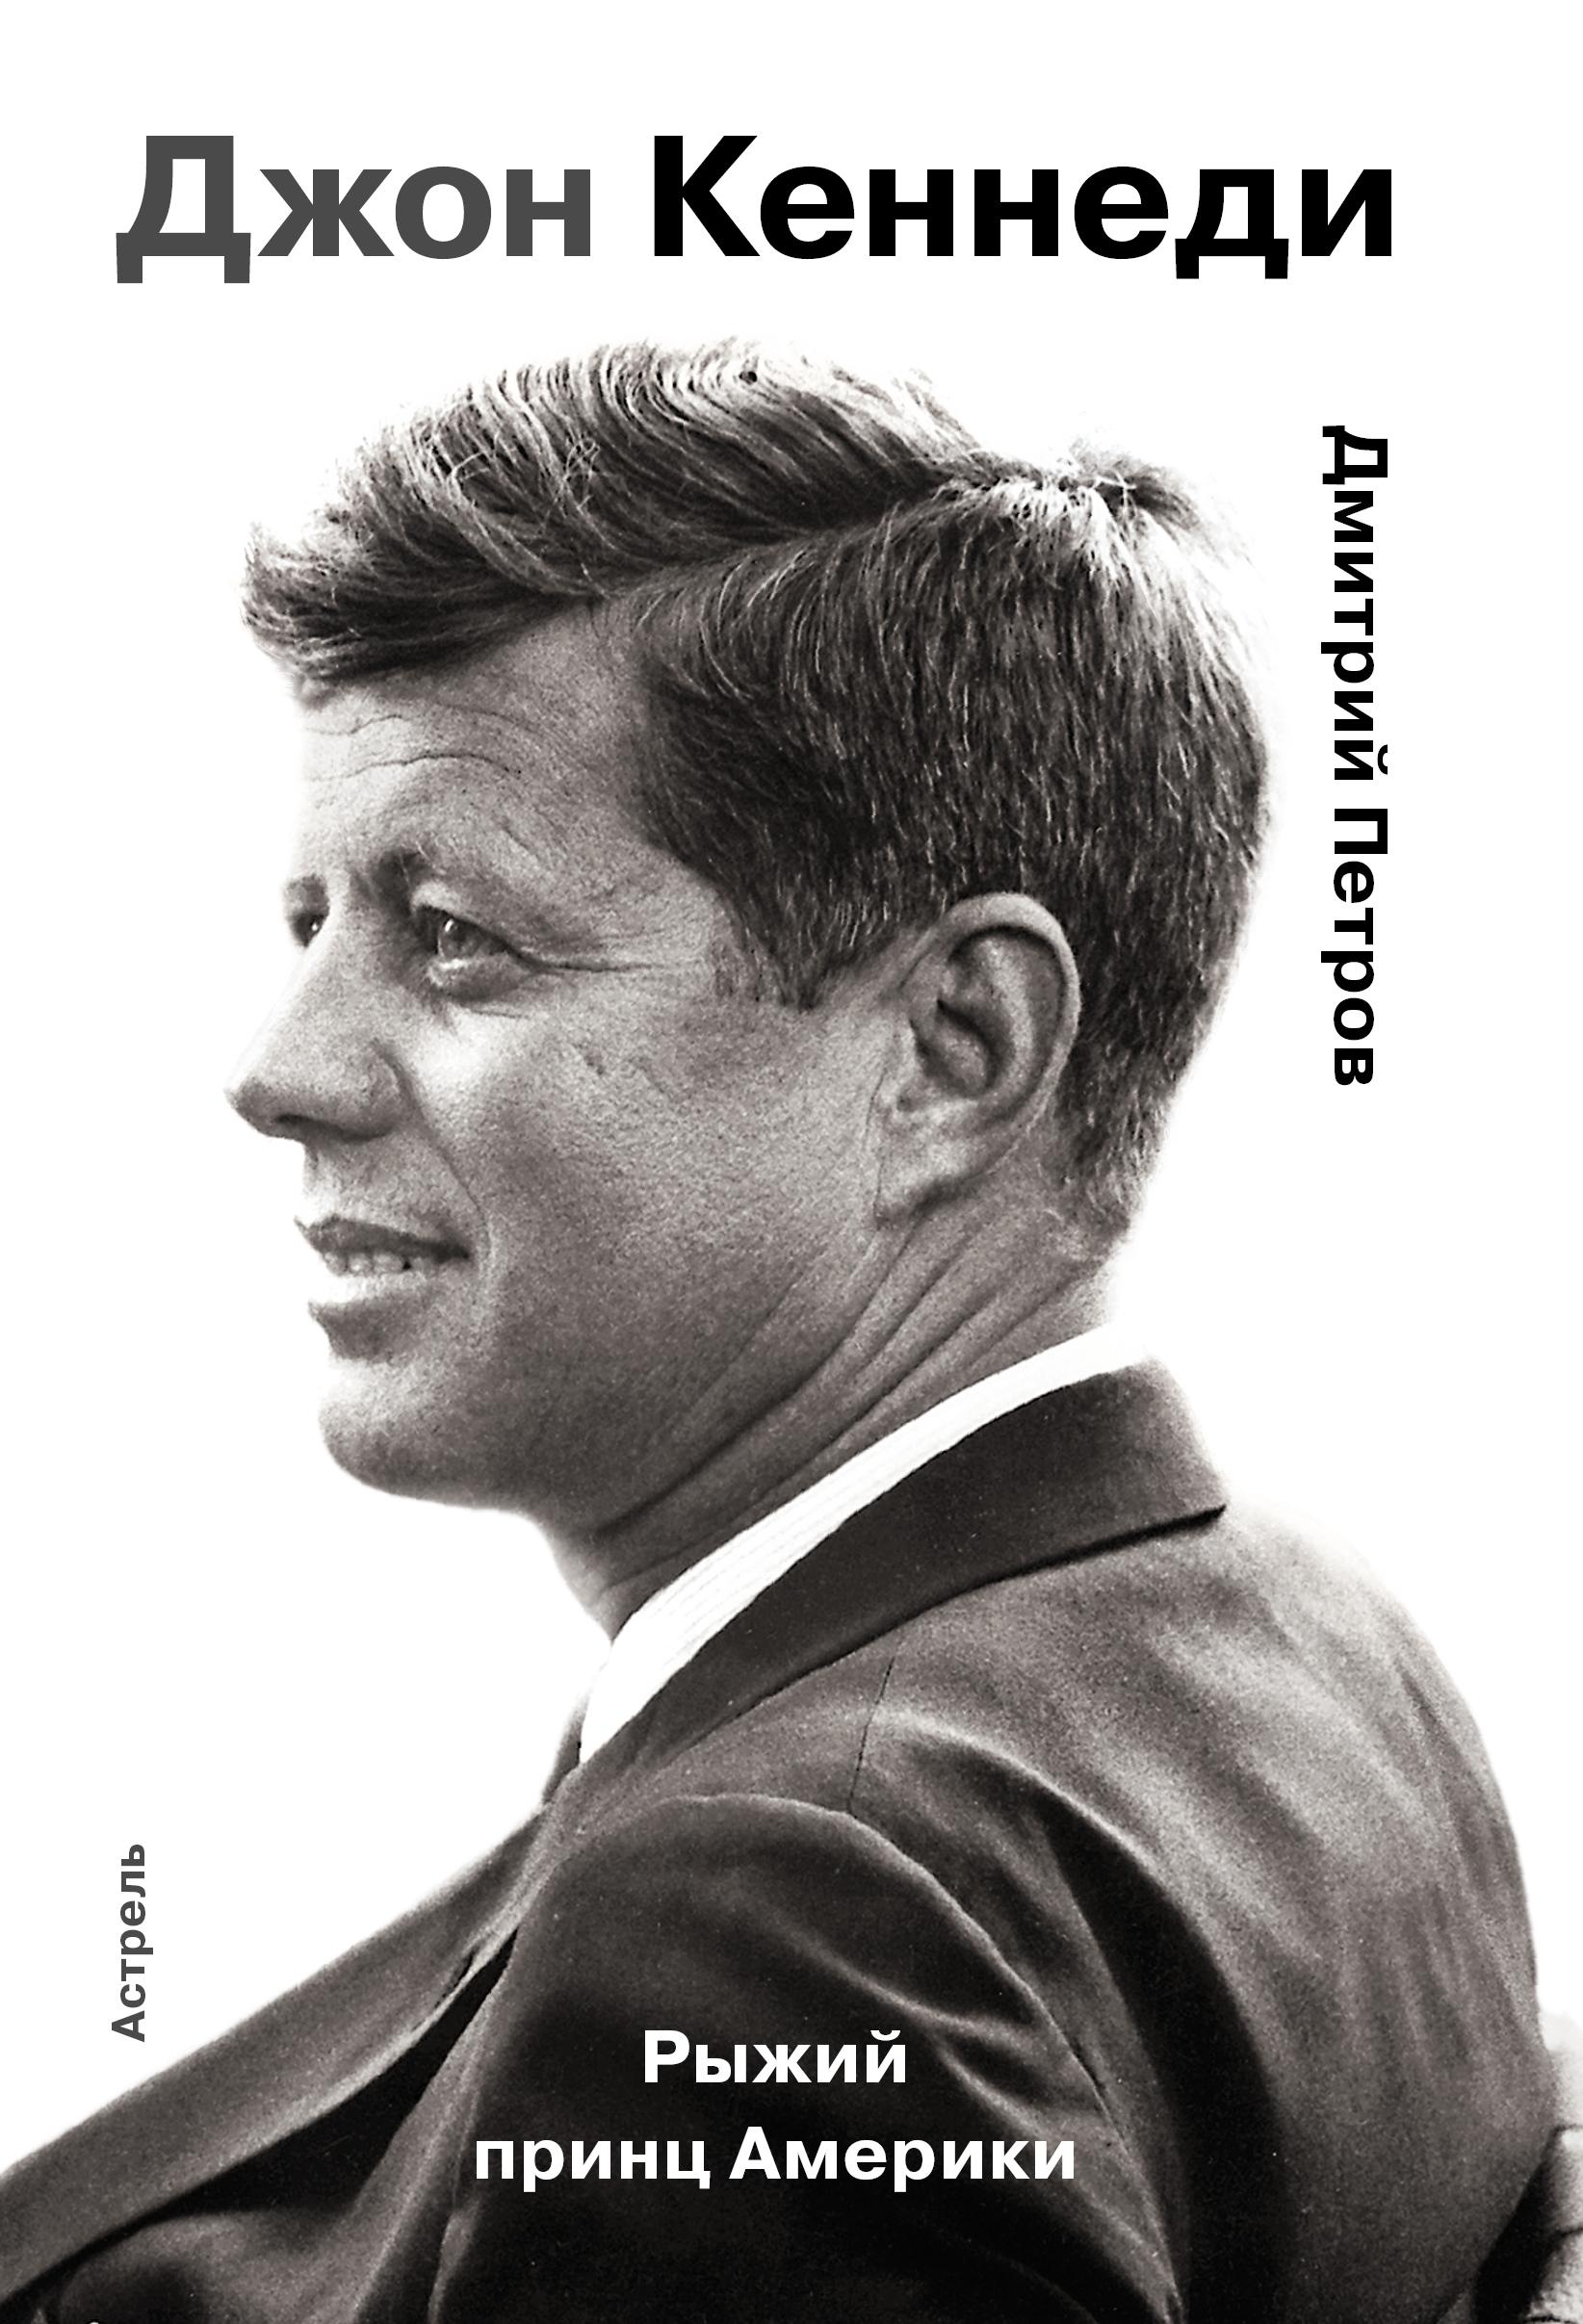 Джон Кеннеди. Рыжий принц Америки